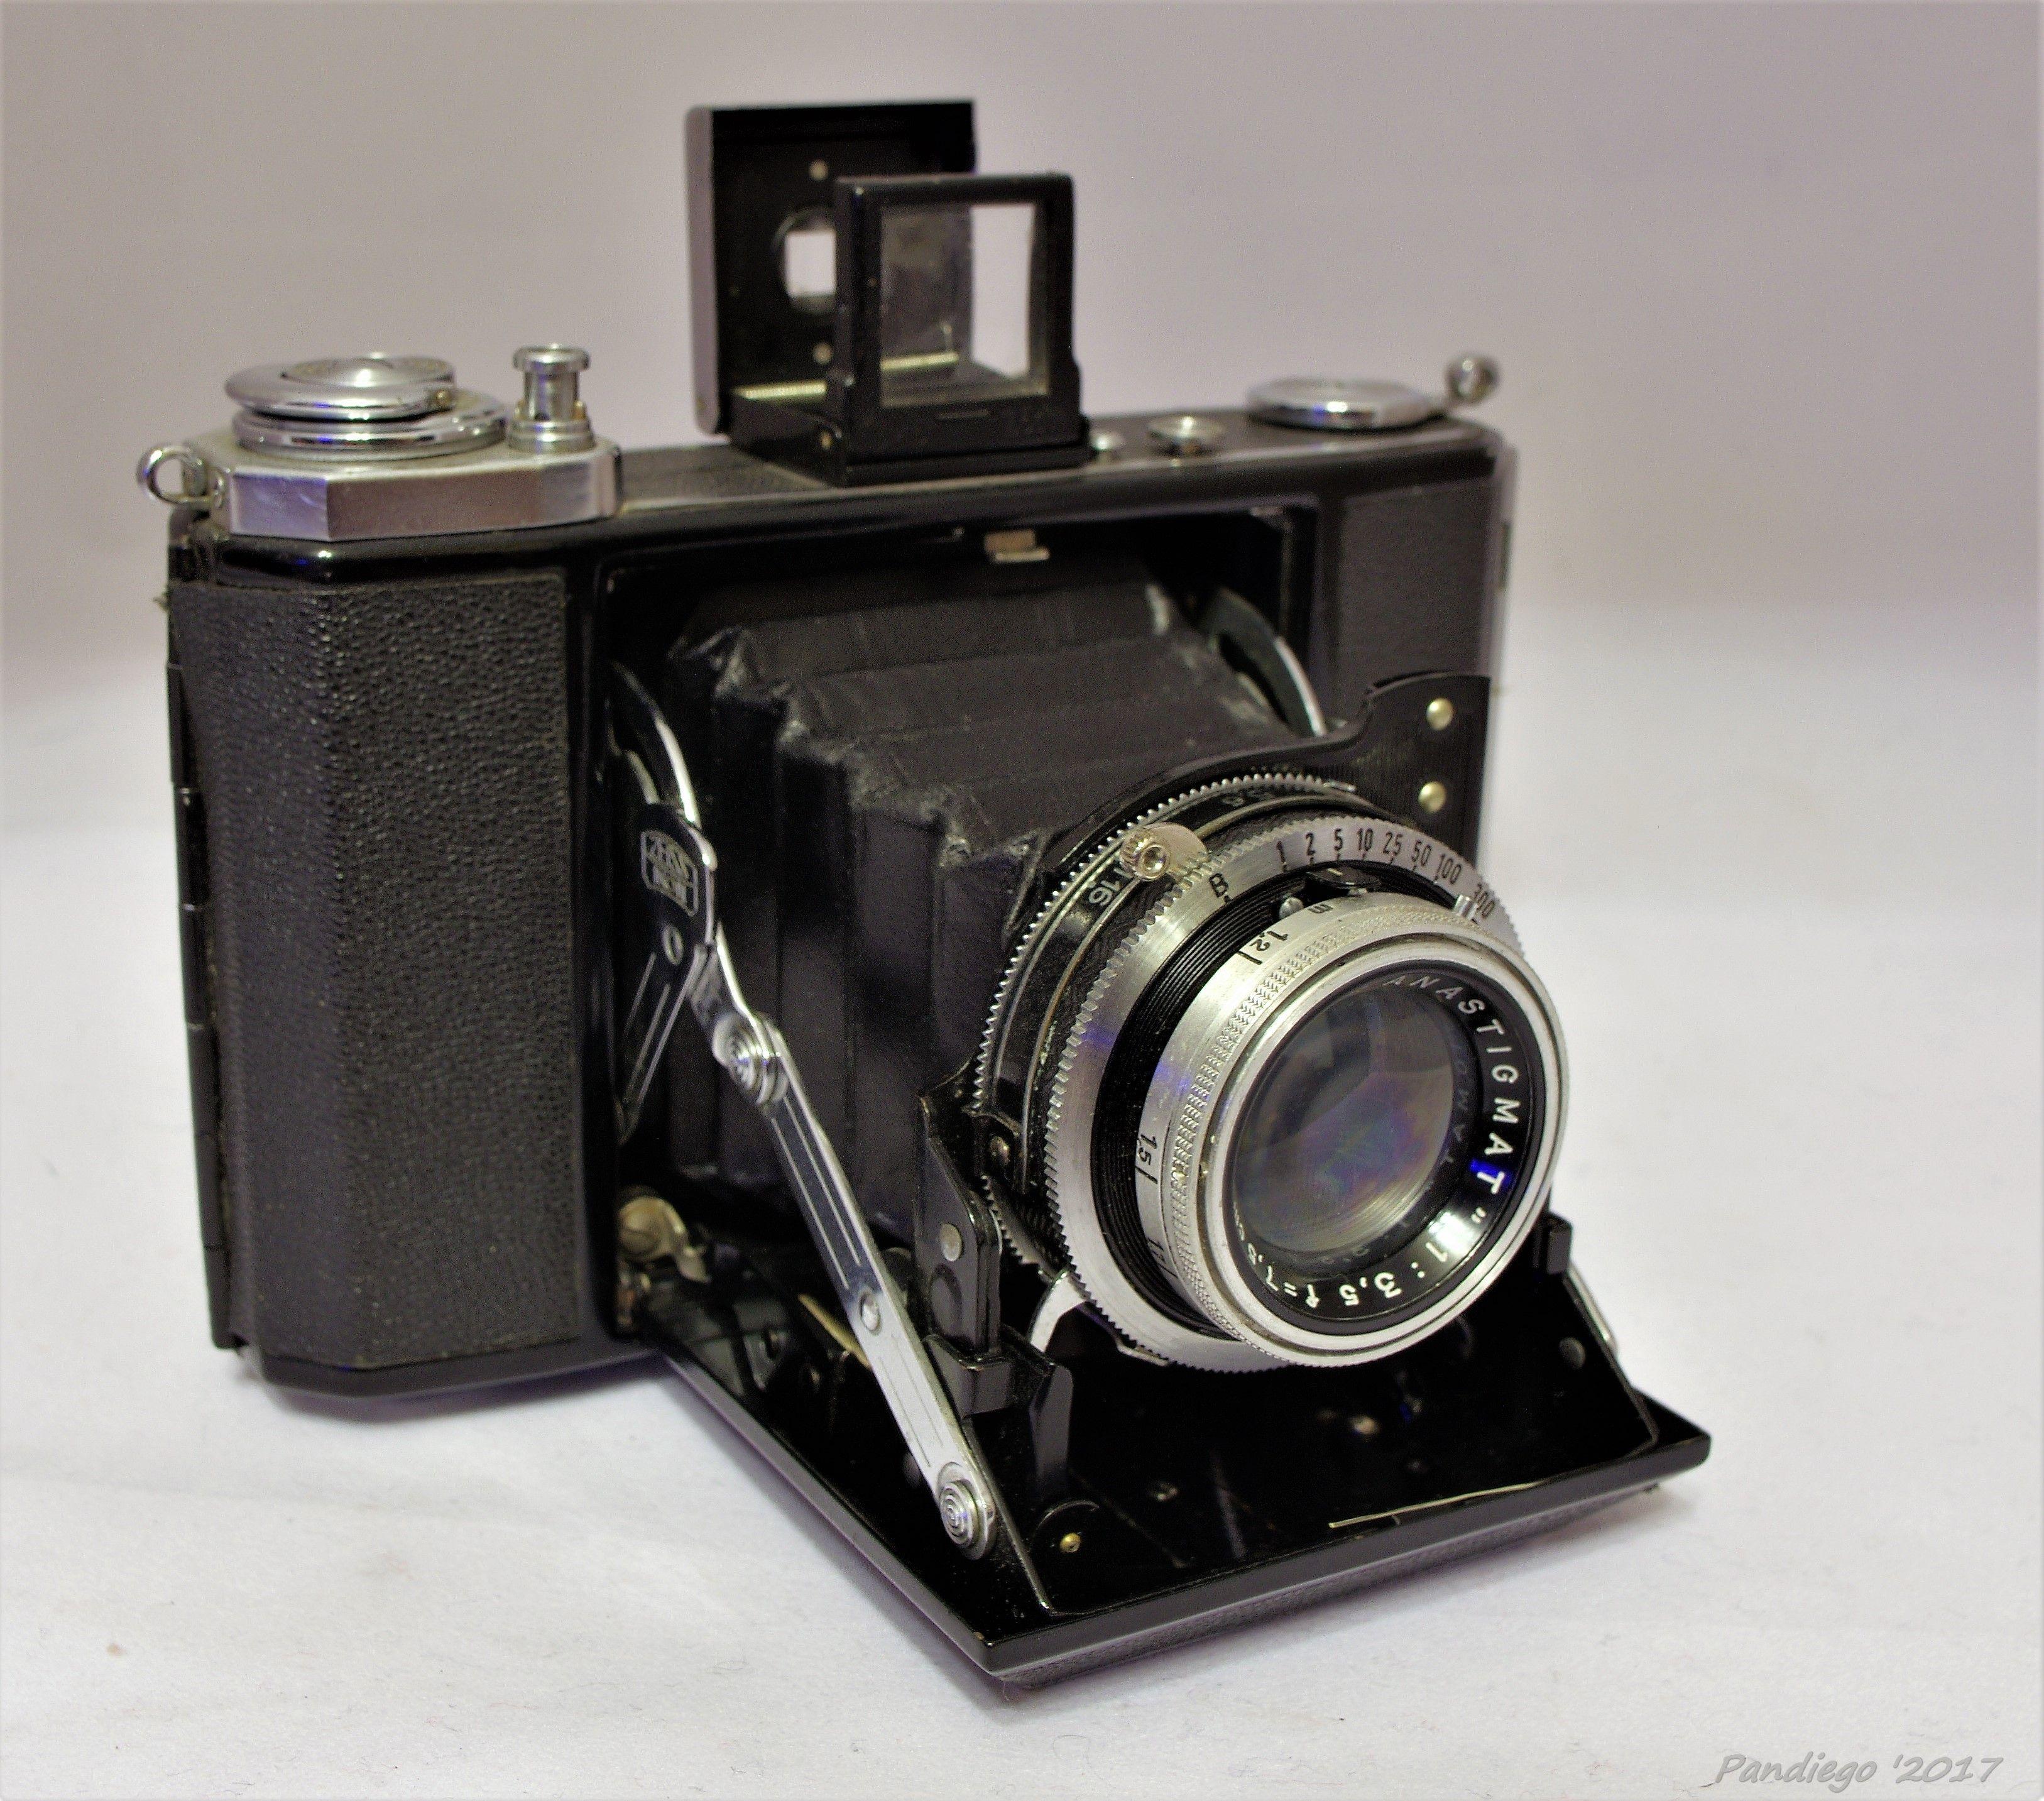 найти старый фотоаппарат во сне чего состоит